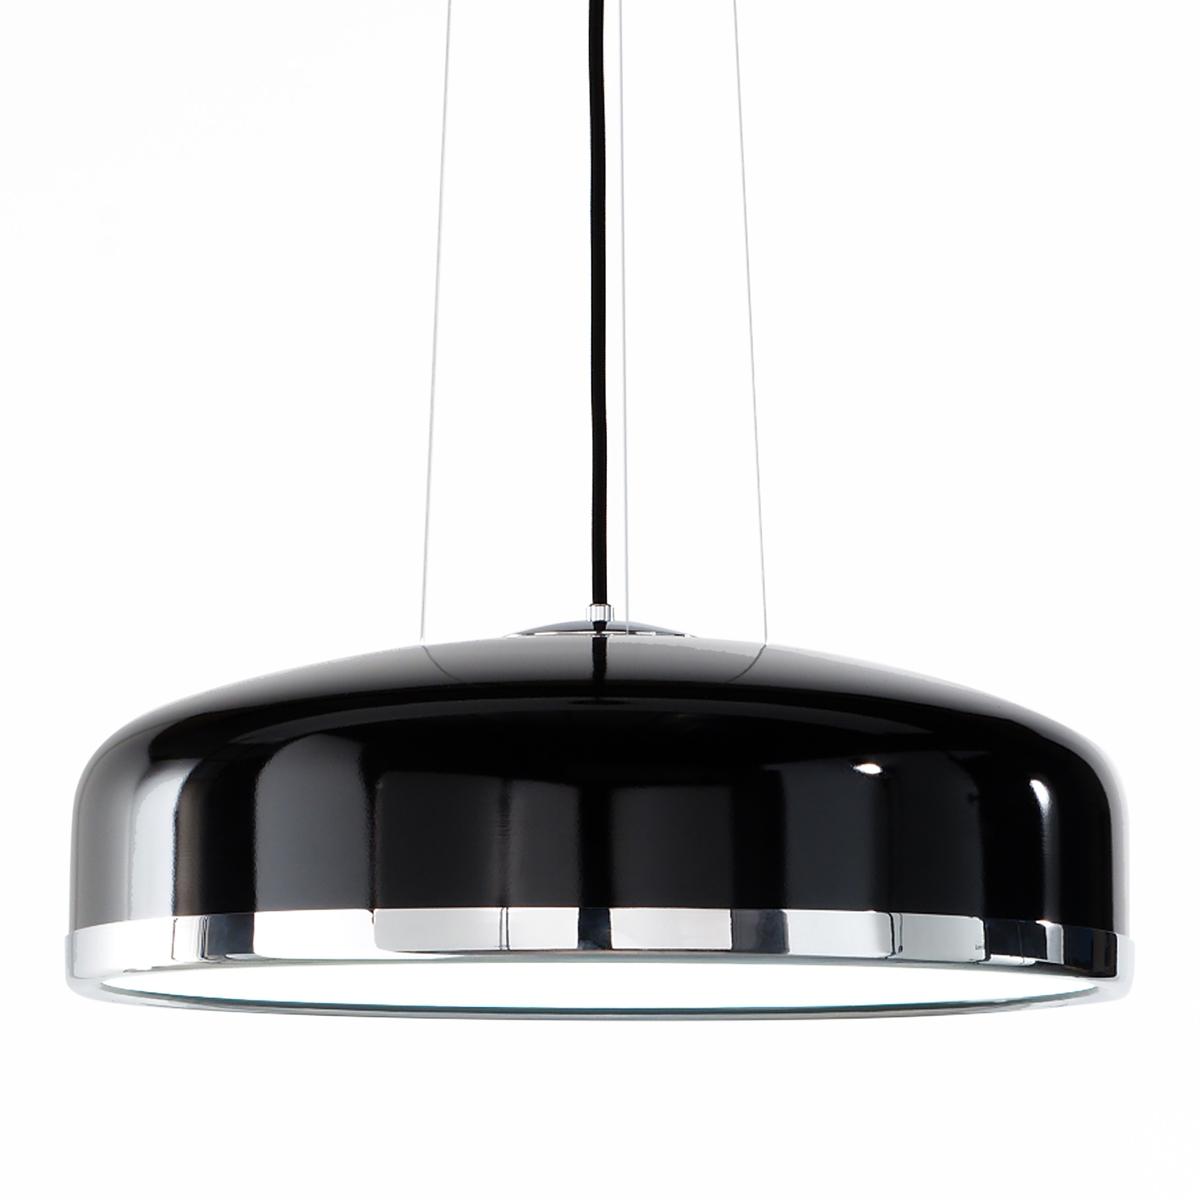 tischpendelleuchte mit gro em schirm im retro stil der 60er jahre. Black Bedroom Furniture Sets. Home Design Ideas